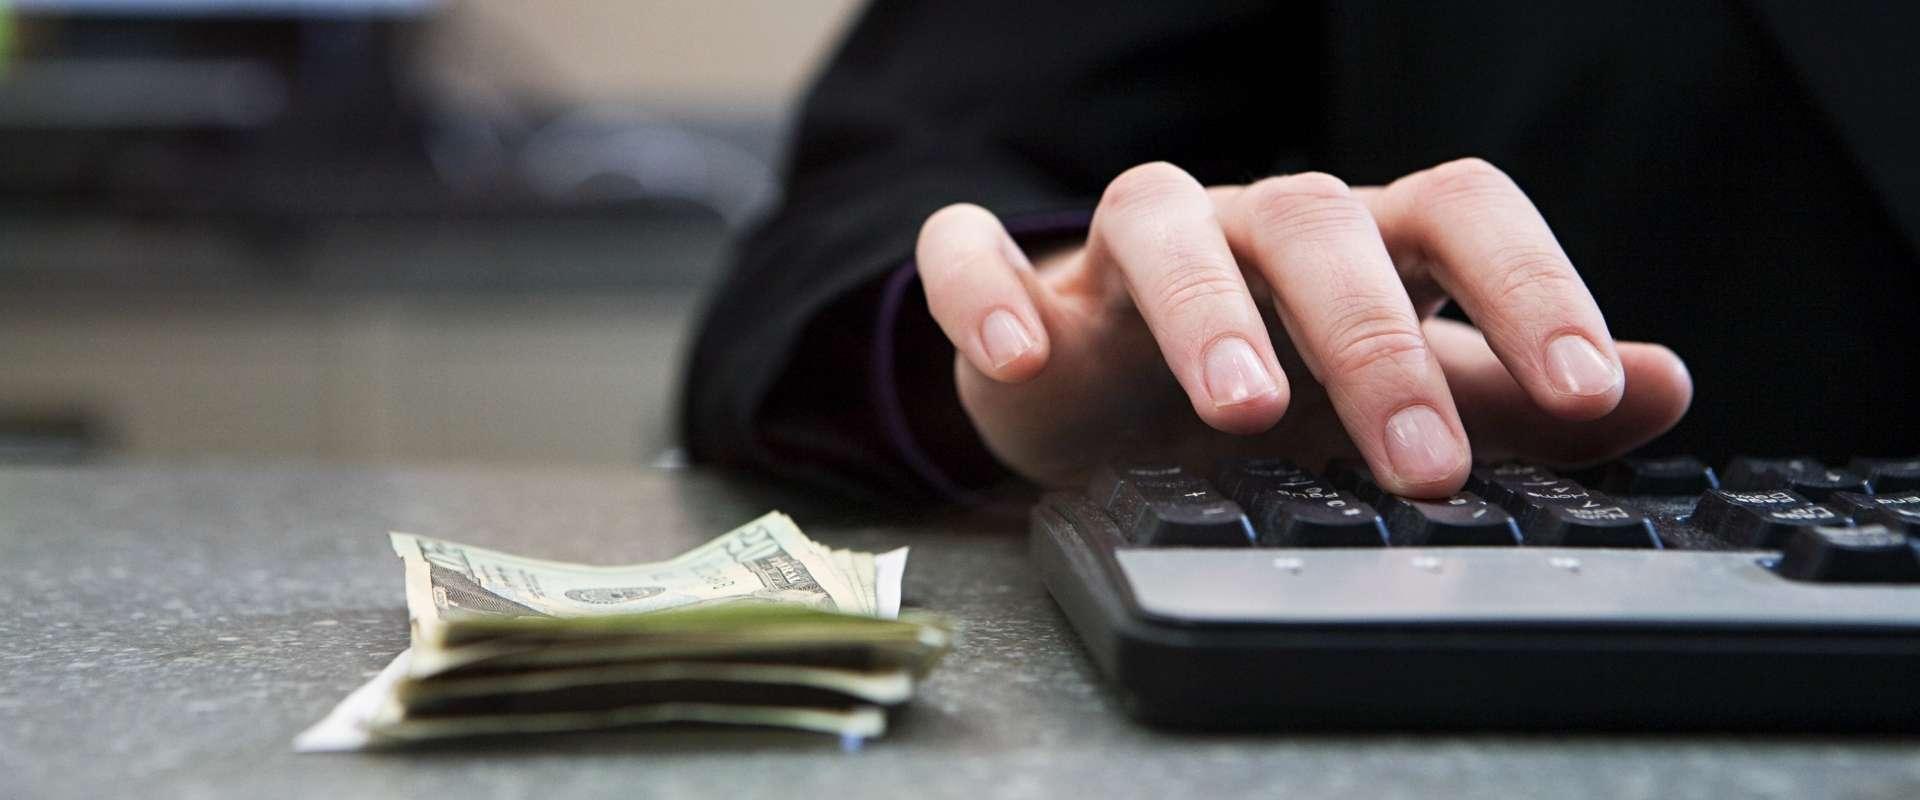 Los supervisores investigan a cuatro bancos por posibles abusos con los avales del ICO